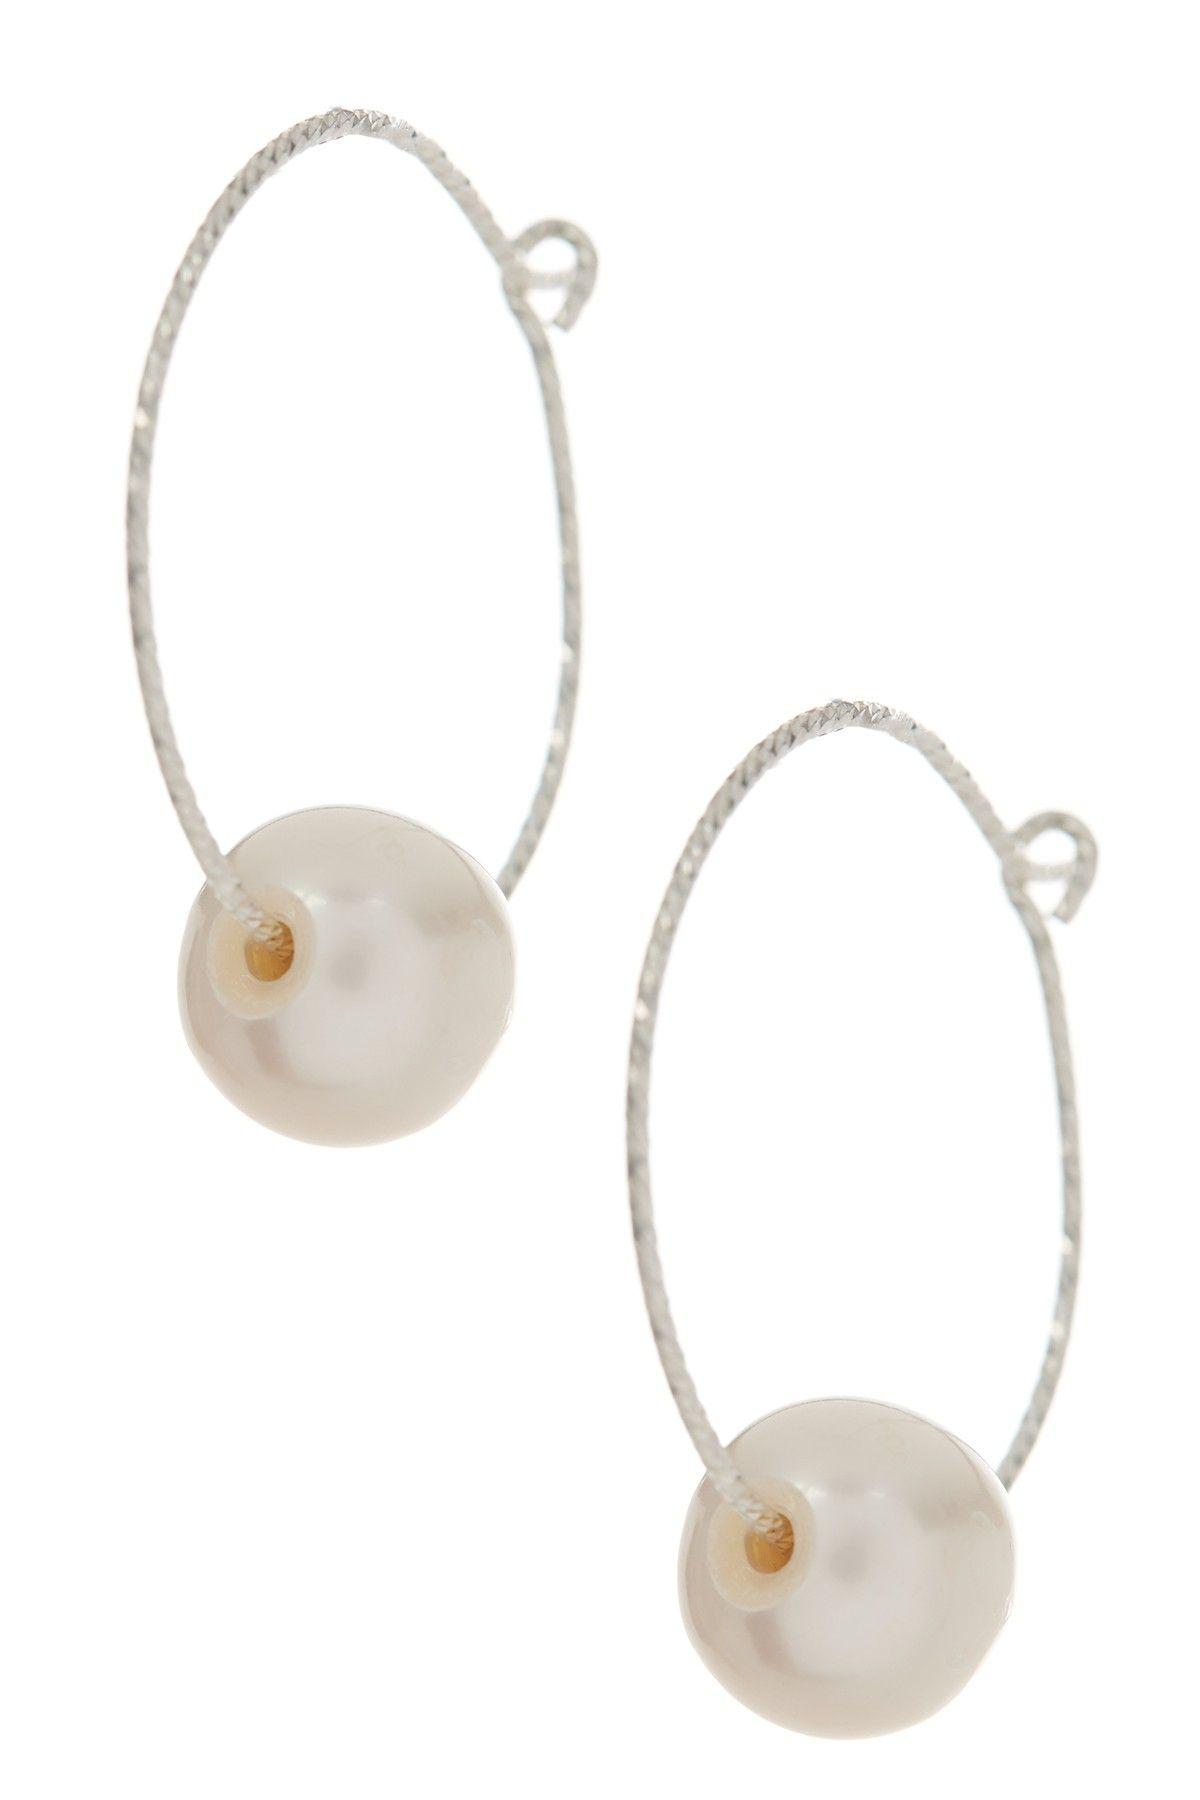 Genuine cultured white freshwater mm pearl hoop earrings